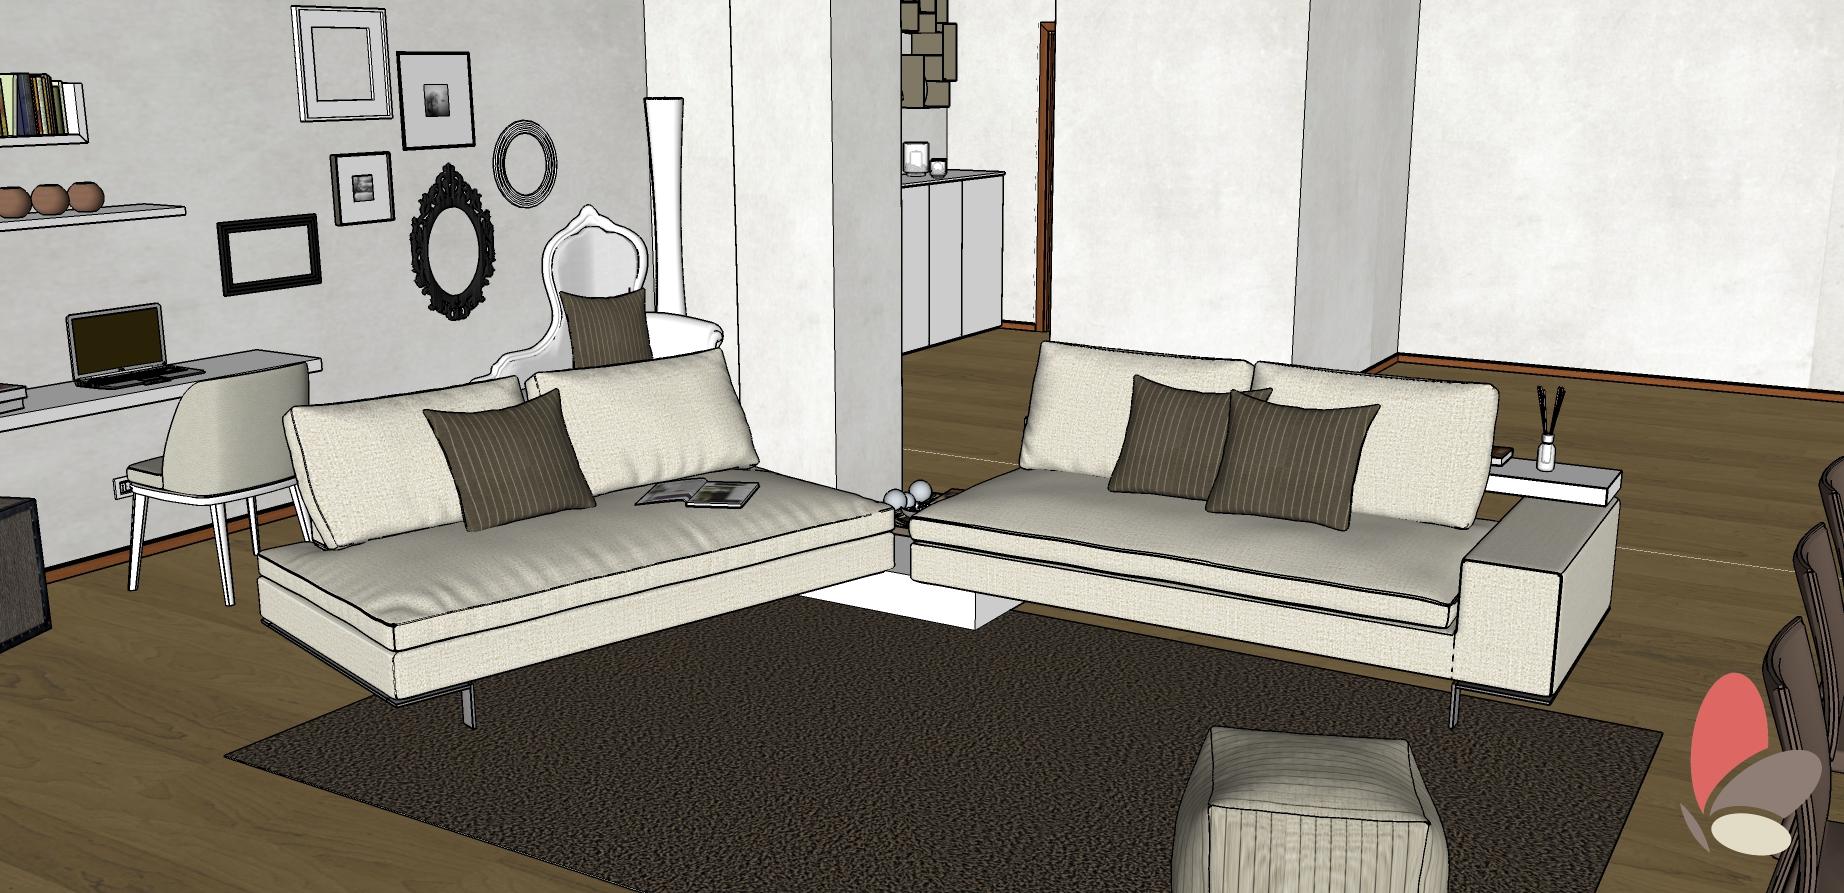 Posizione Divano E Tv 1854 soggiorno/salotto